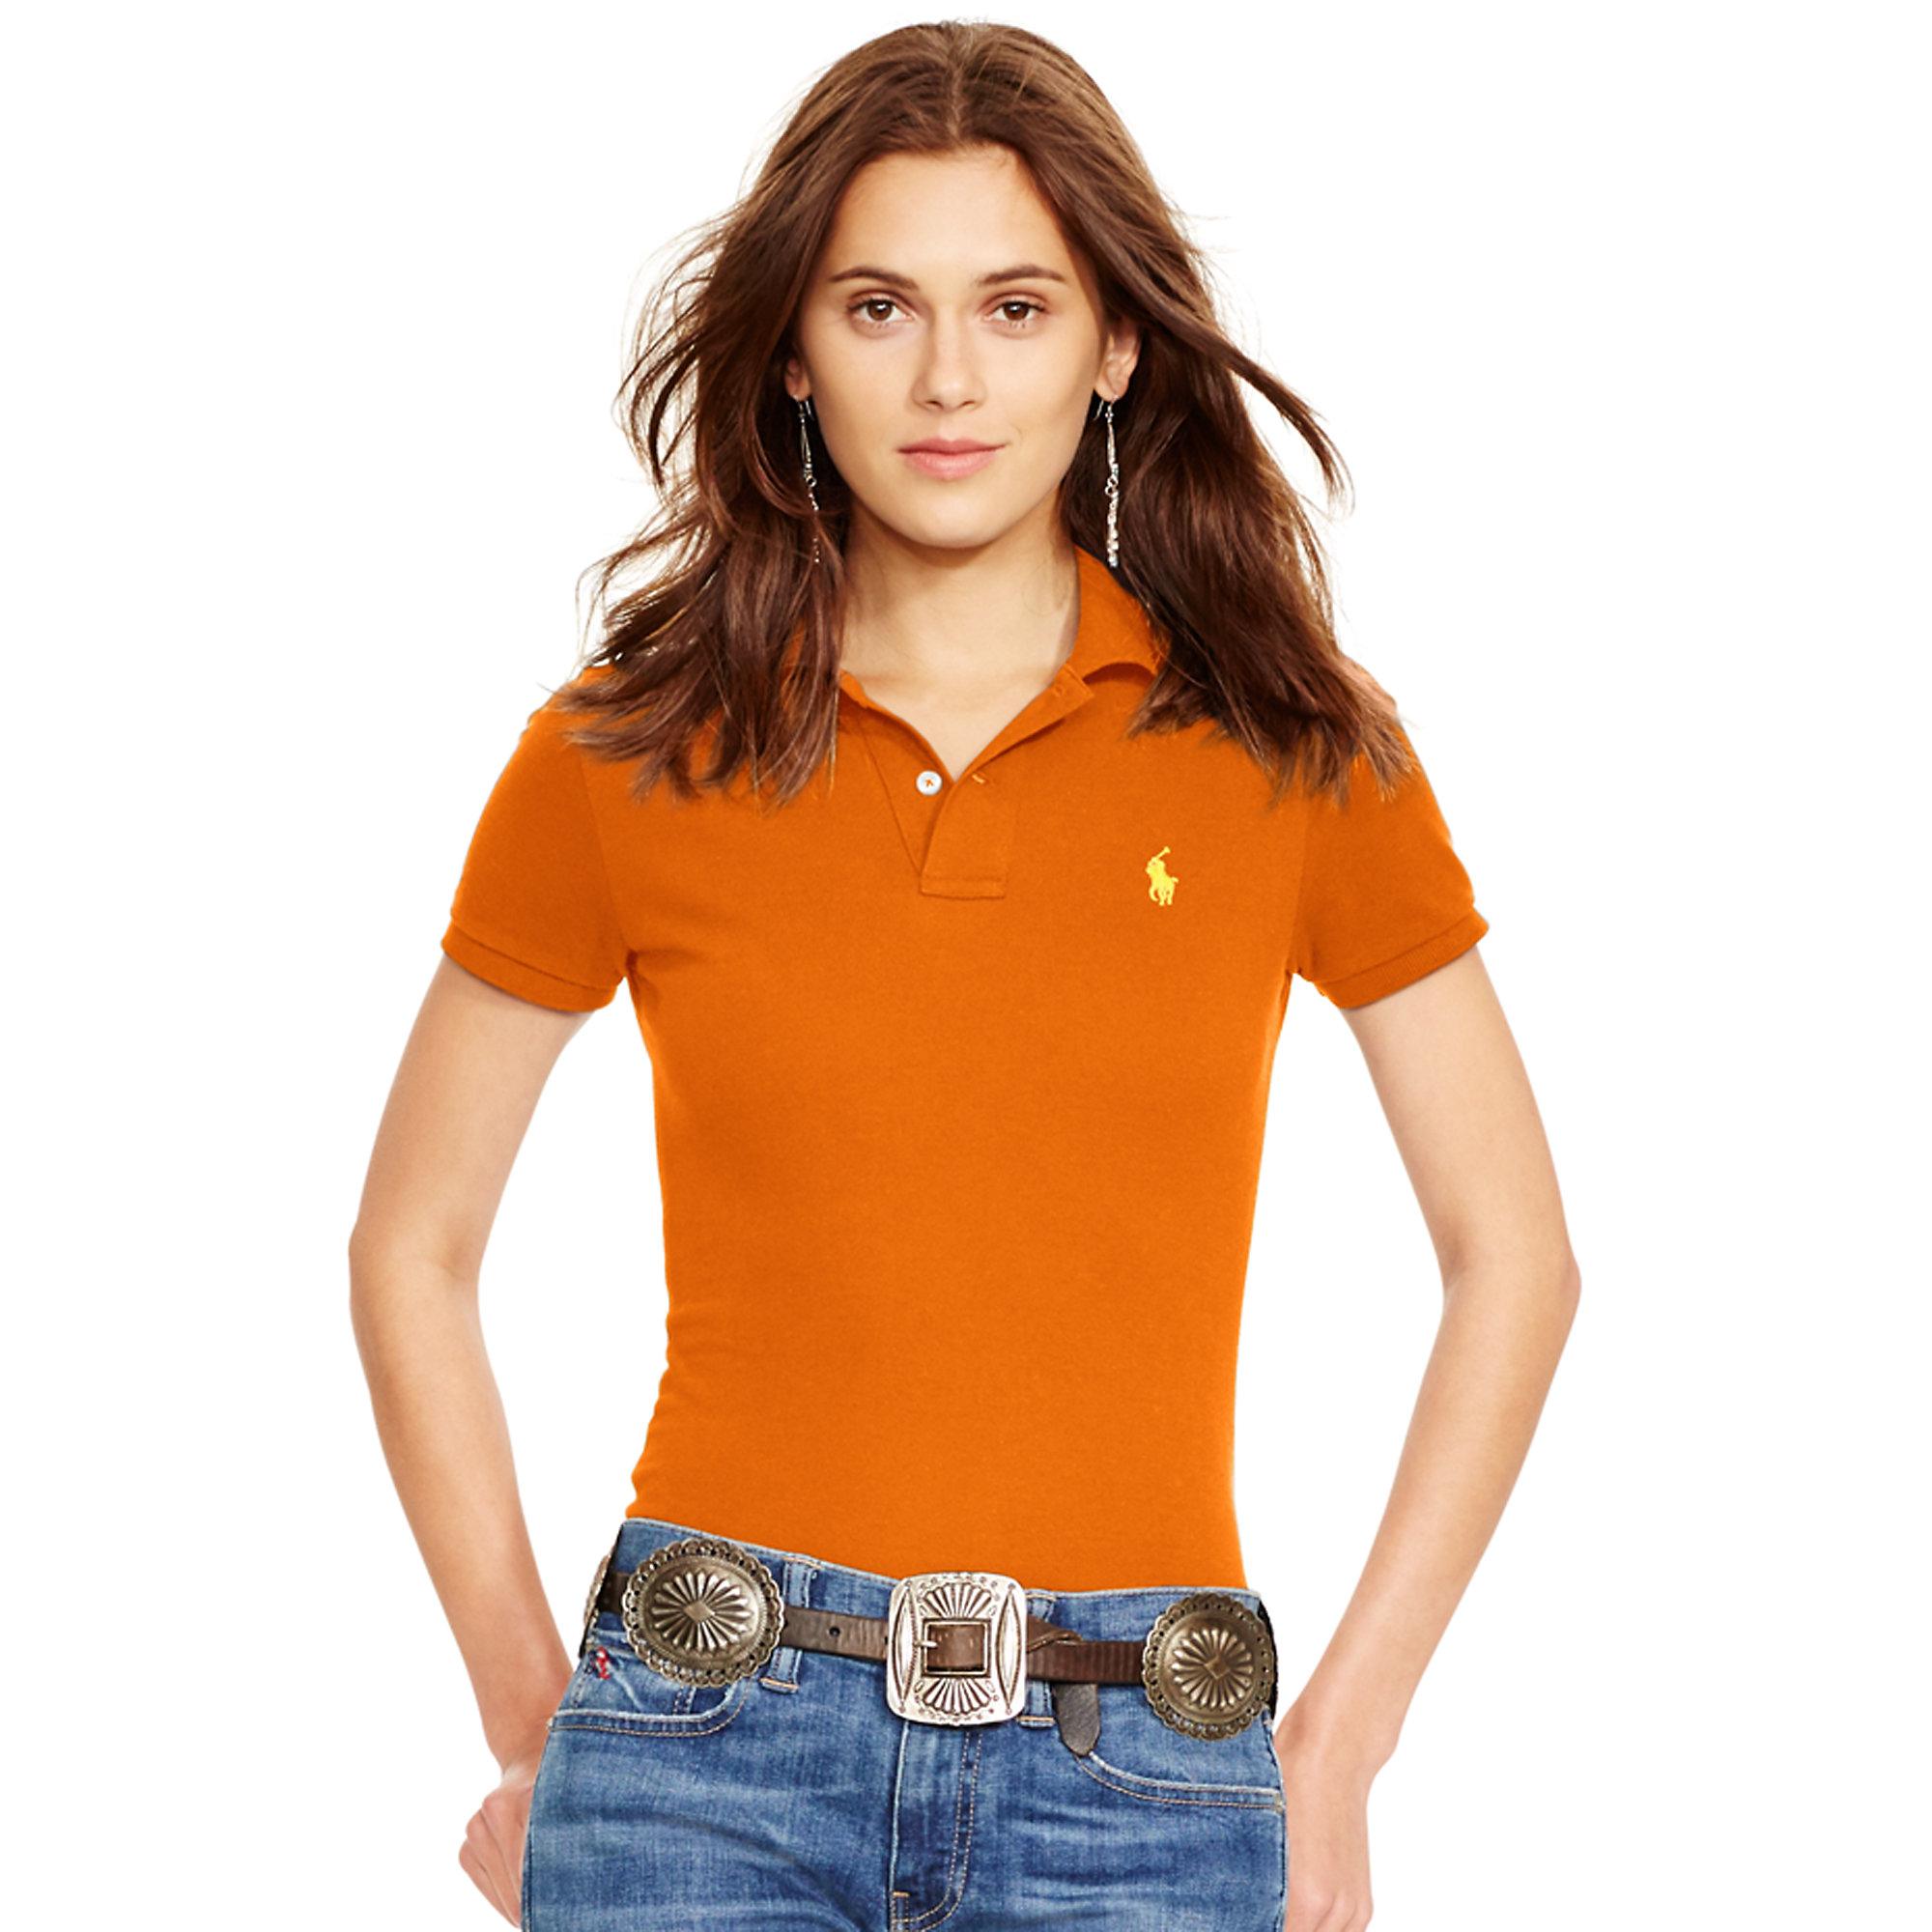 Lyst - Polo Ralph Lauren Skinny-fit Polo Shirt in Orange 6e70feefe9ba